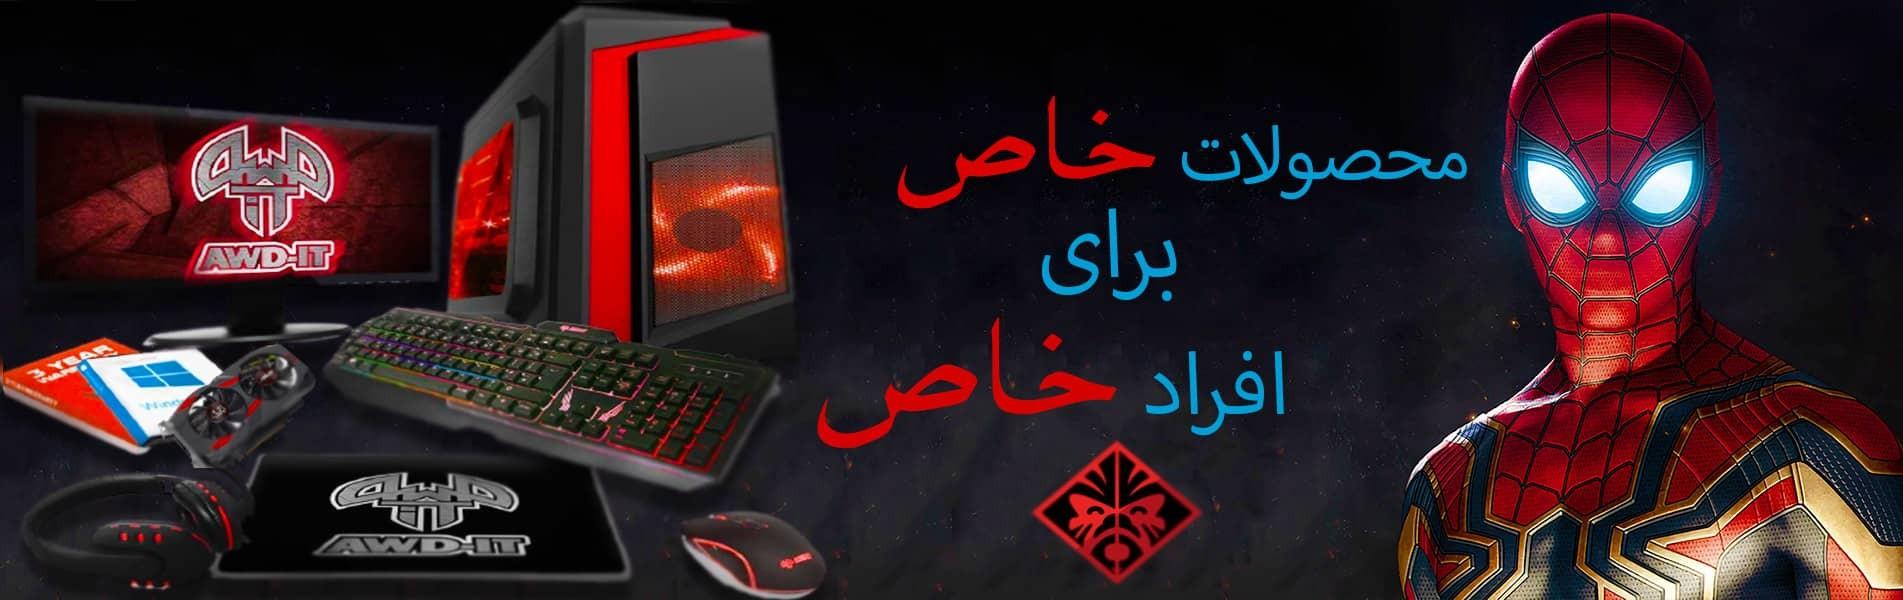 لپ تاپ های استوک hp